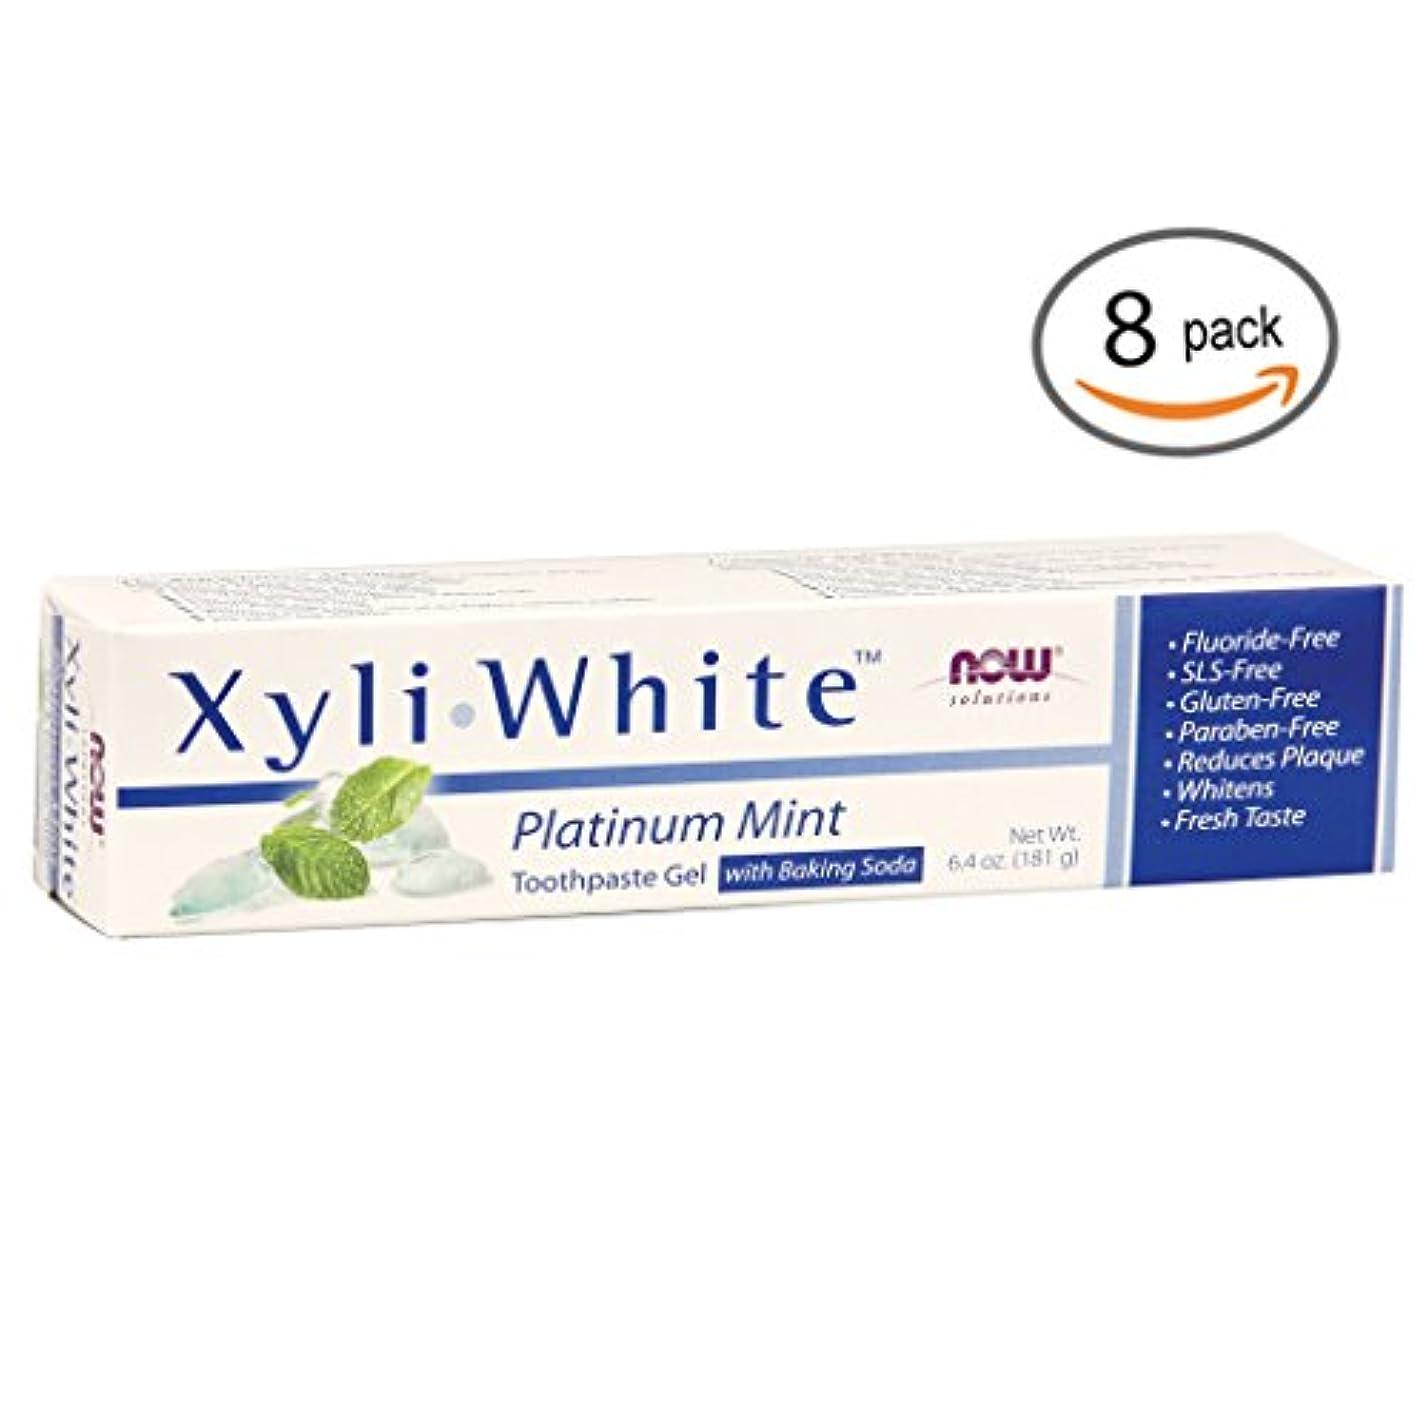 最愛の最悪血キシリホワイト 歯磨き粉  プラチナミント+ベーキングソーダ 182g 2個パック